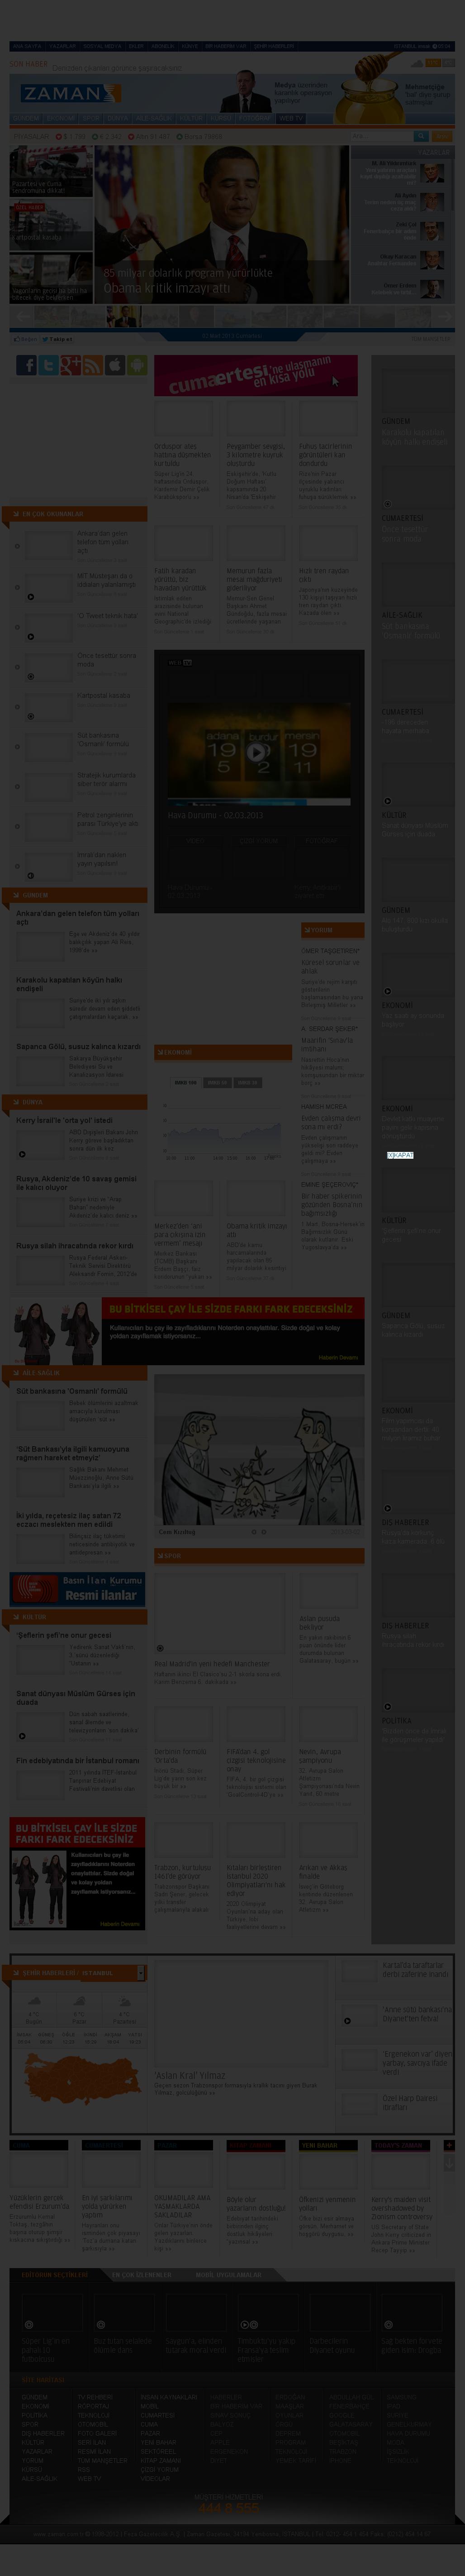 Zaman Online at Saturday March 2, 2013, 5:24 p.m. UTC